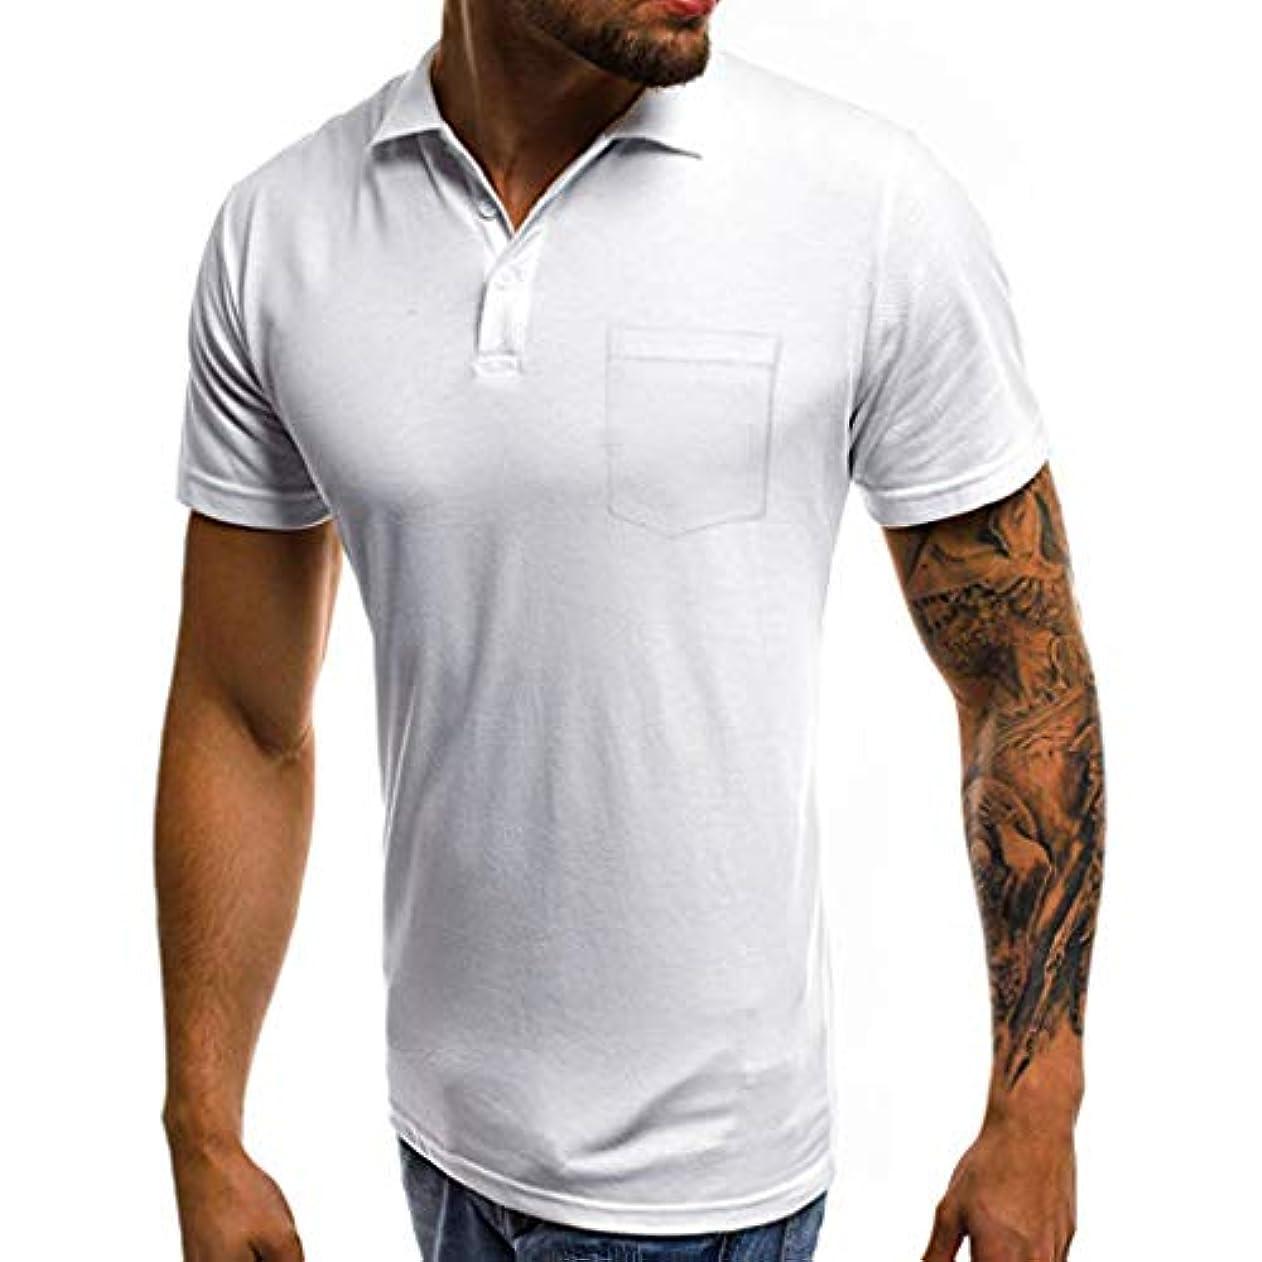 タイルピザラウンジGINNTOKI tシャツ メンズ カジュアル スリム 半袖 ポケット ボタンTシャツ トップ ブラウス ラペルポケット半袖 キャップなし ファッションメンズ (ホワイト, M)